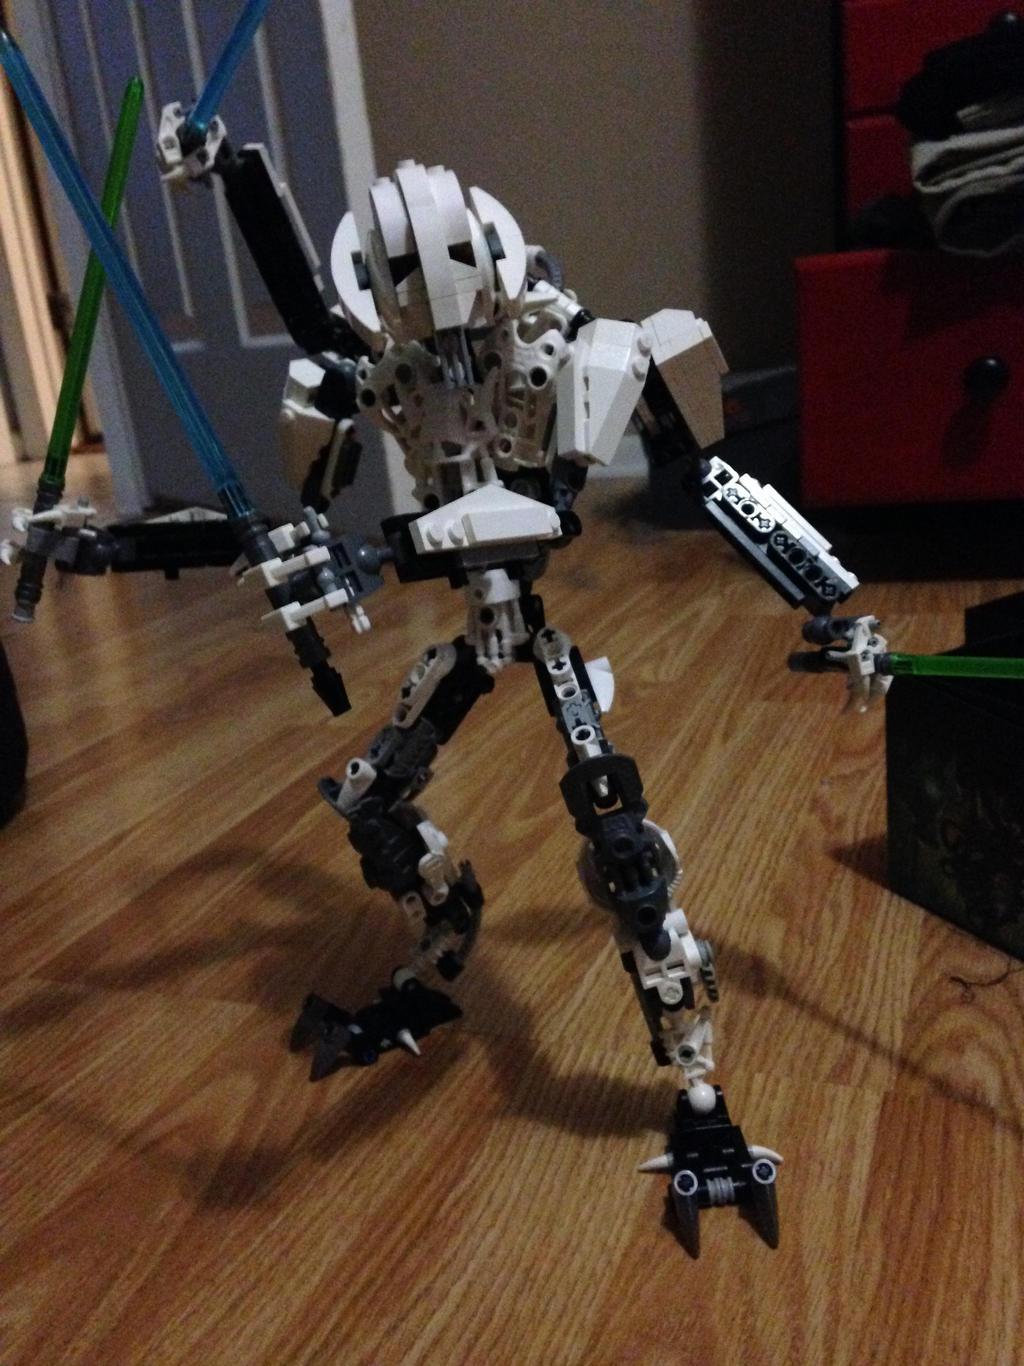 Lego General Grievous By Legofan24 On Deviantart